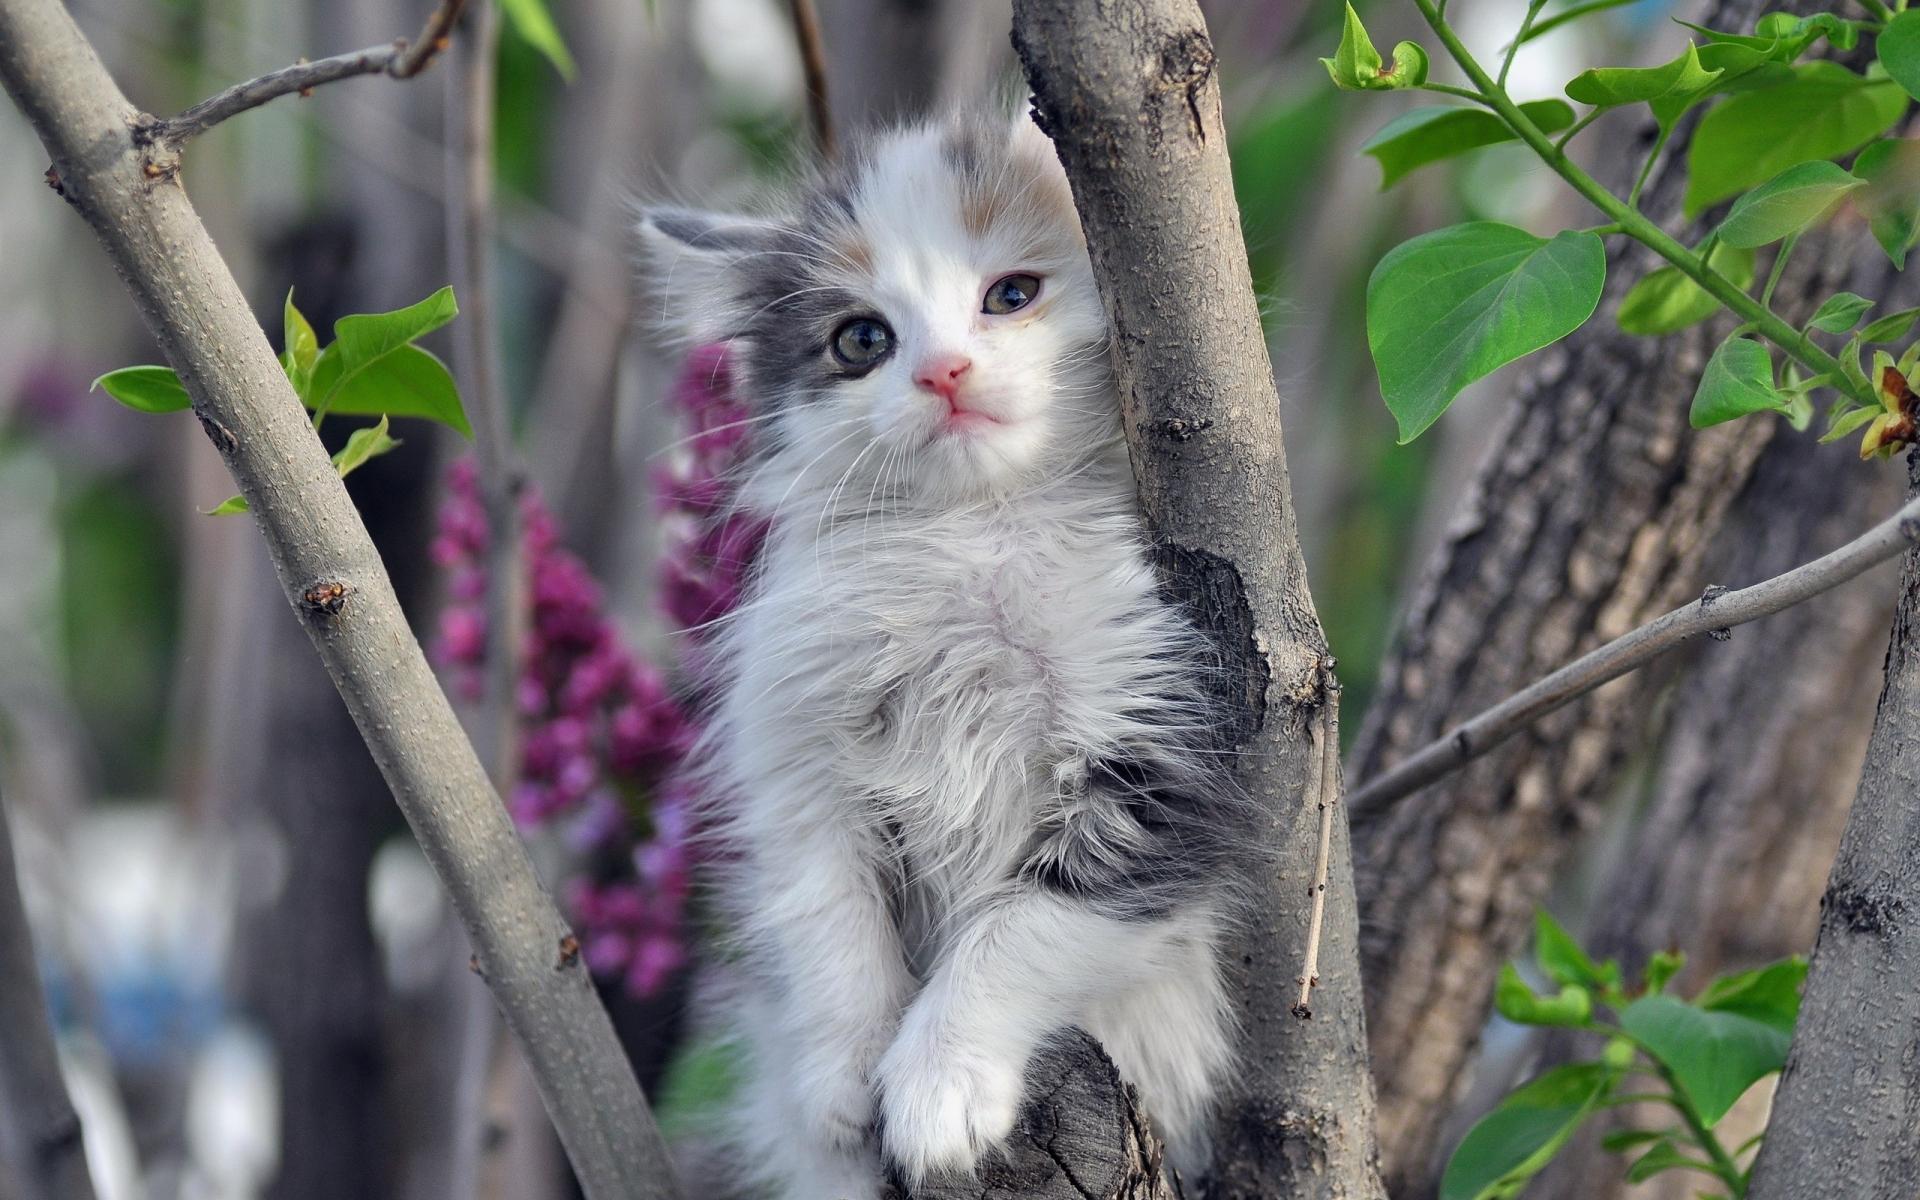 Lindo gatito - 1920x1200